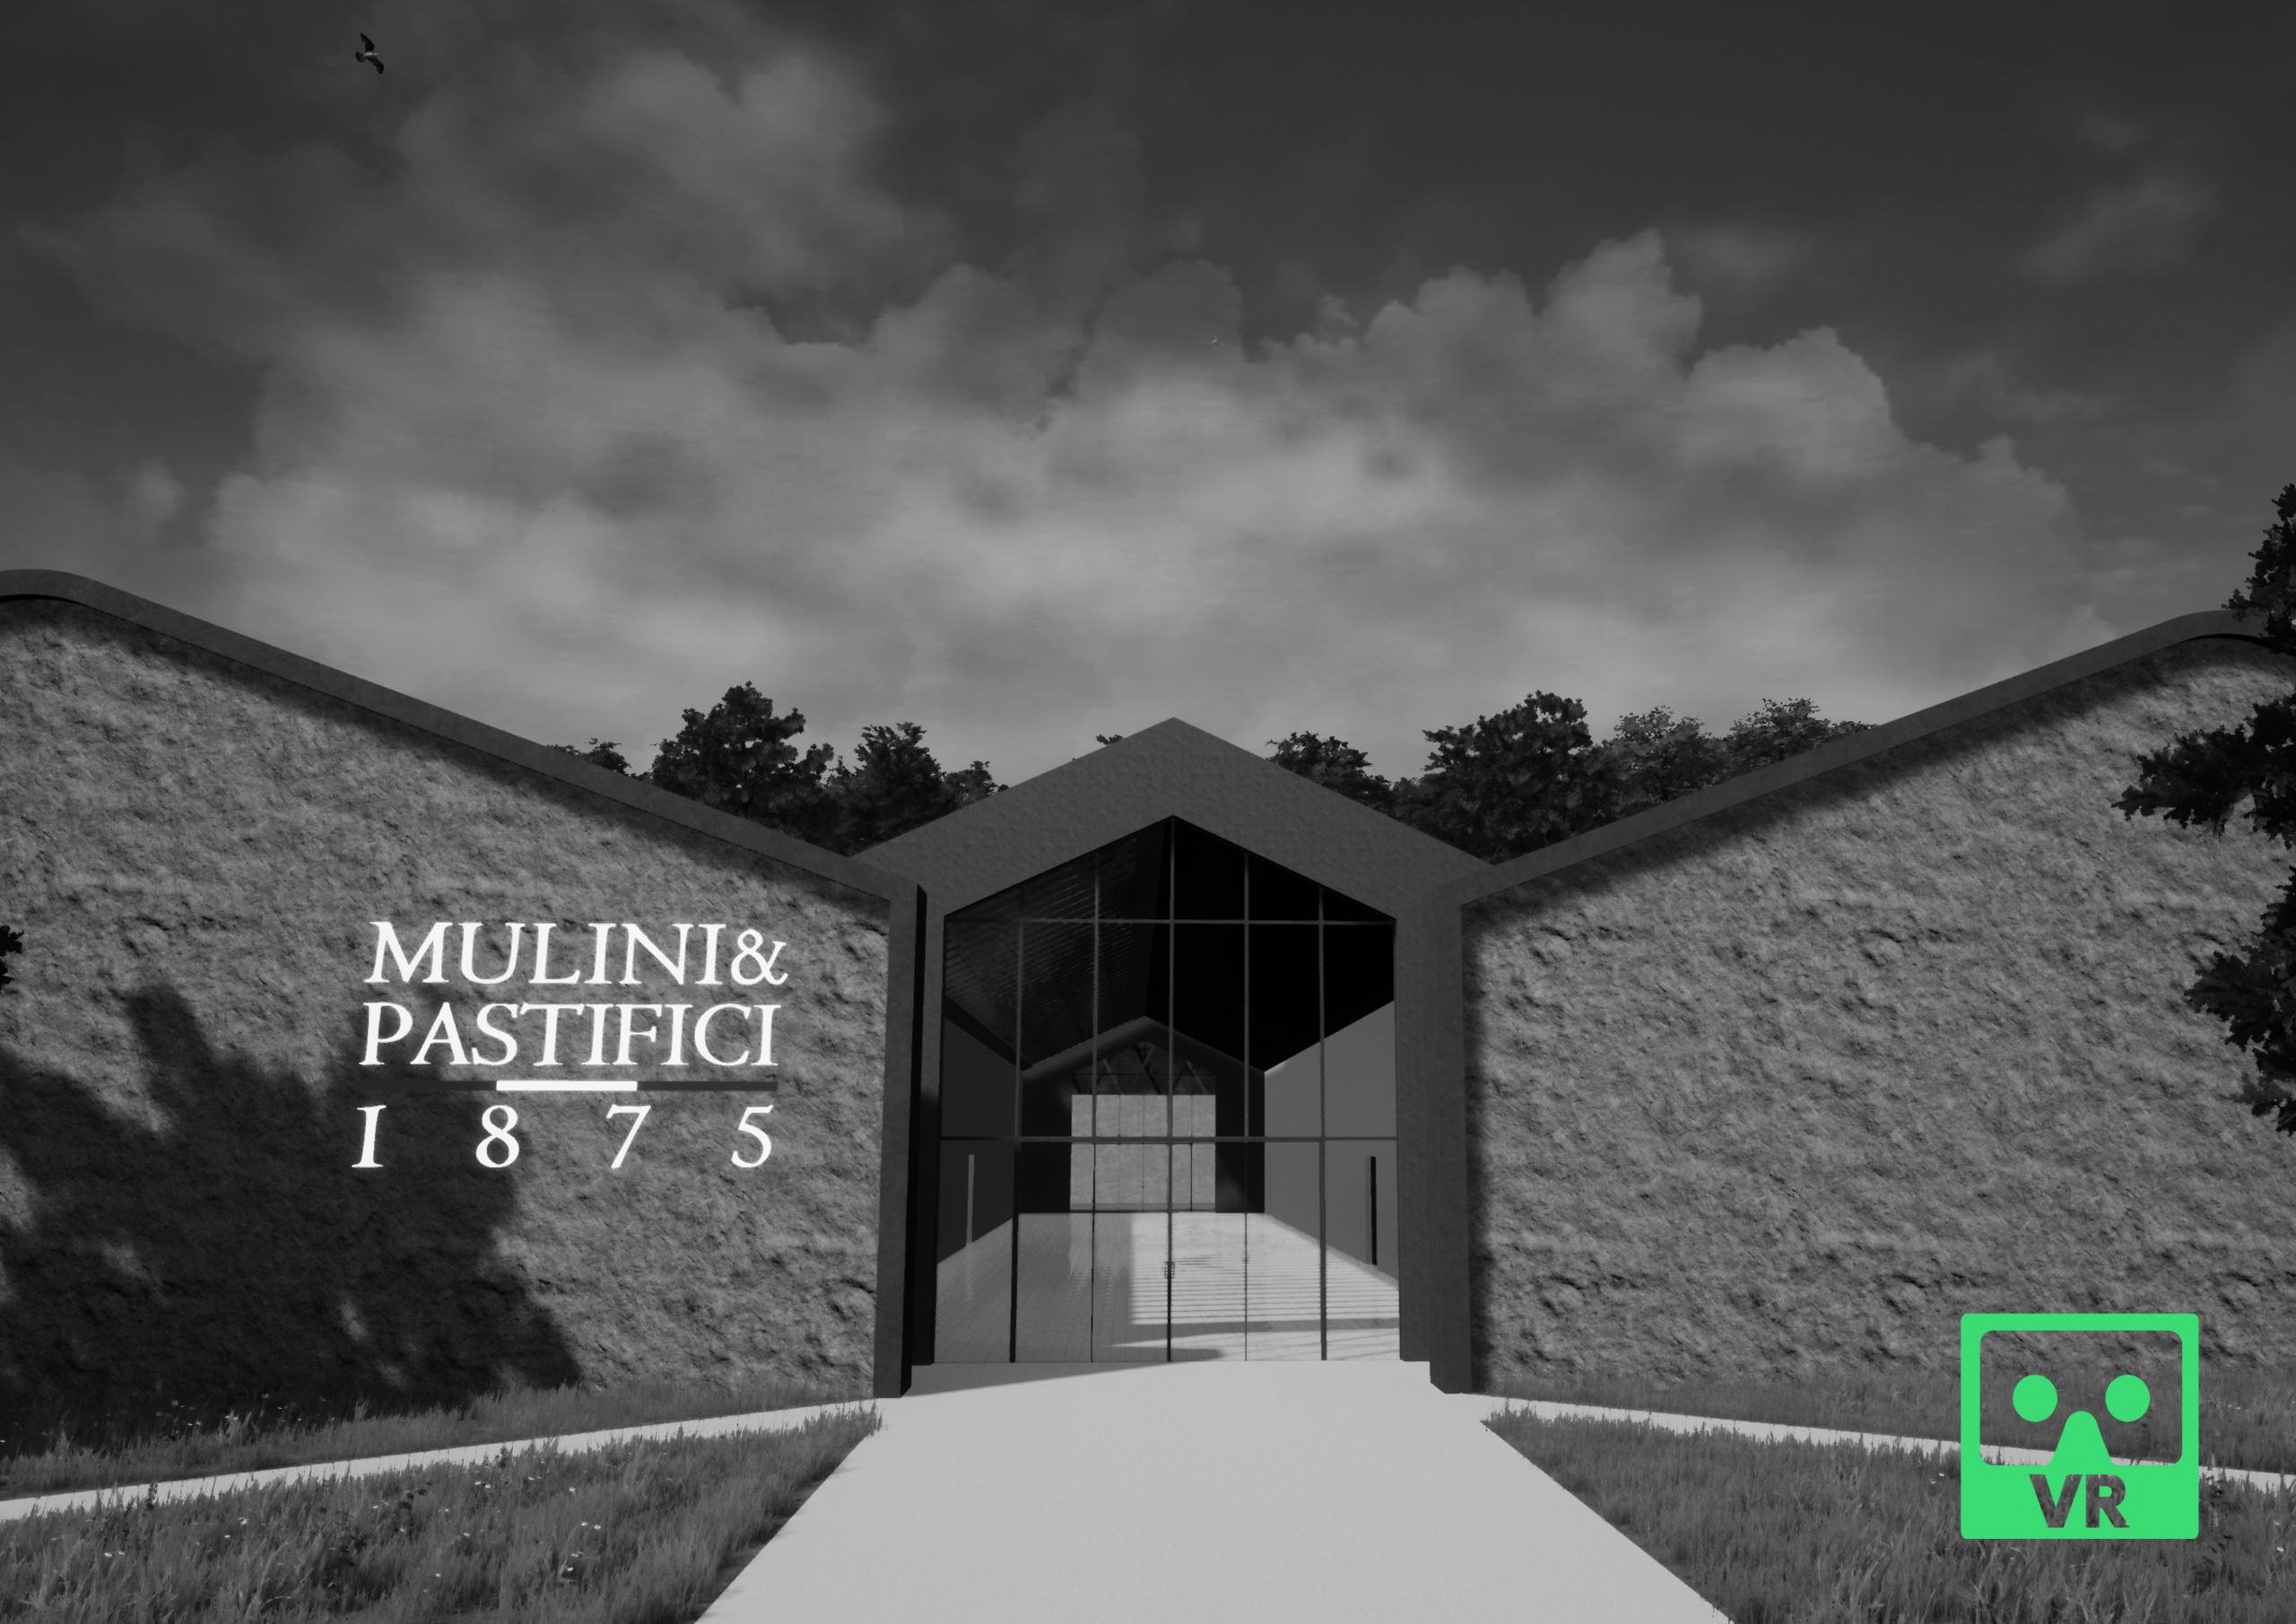 Mulini e Pastifici 1875 © VR